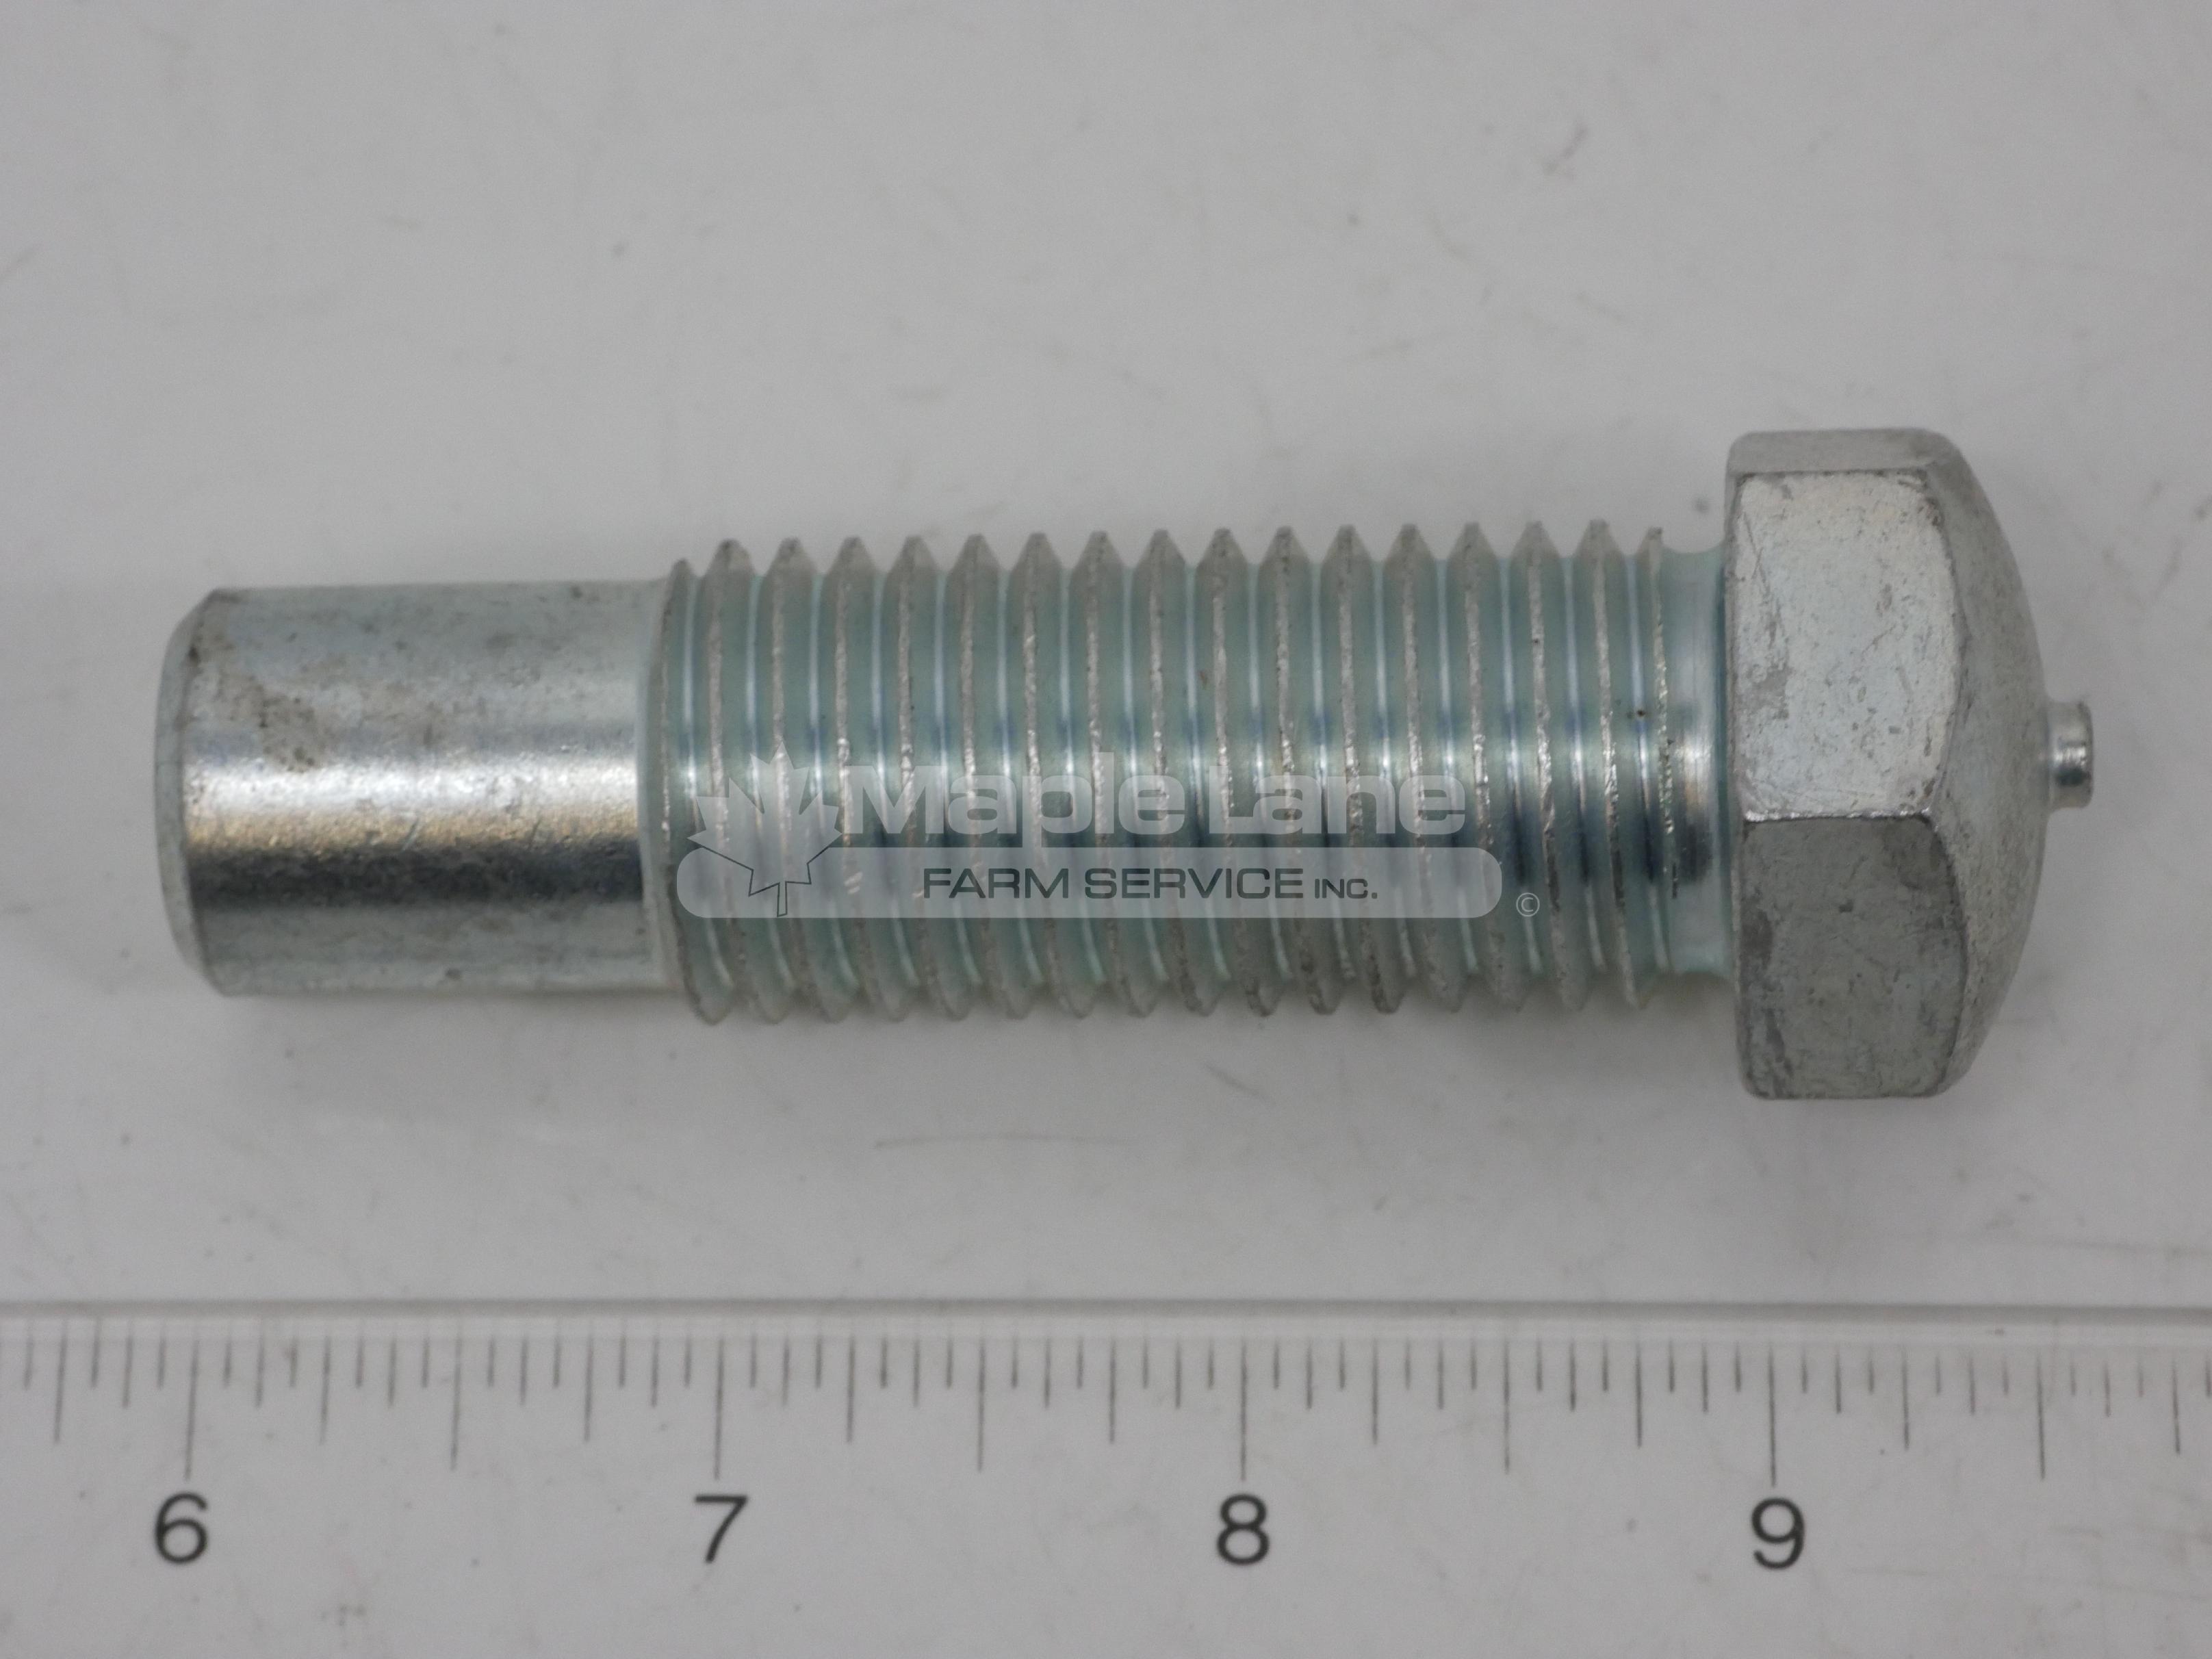 3619813M1 Hex Head Bolt M24-3 x 75